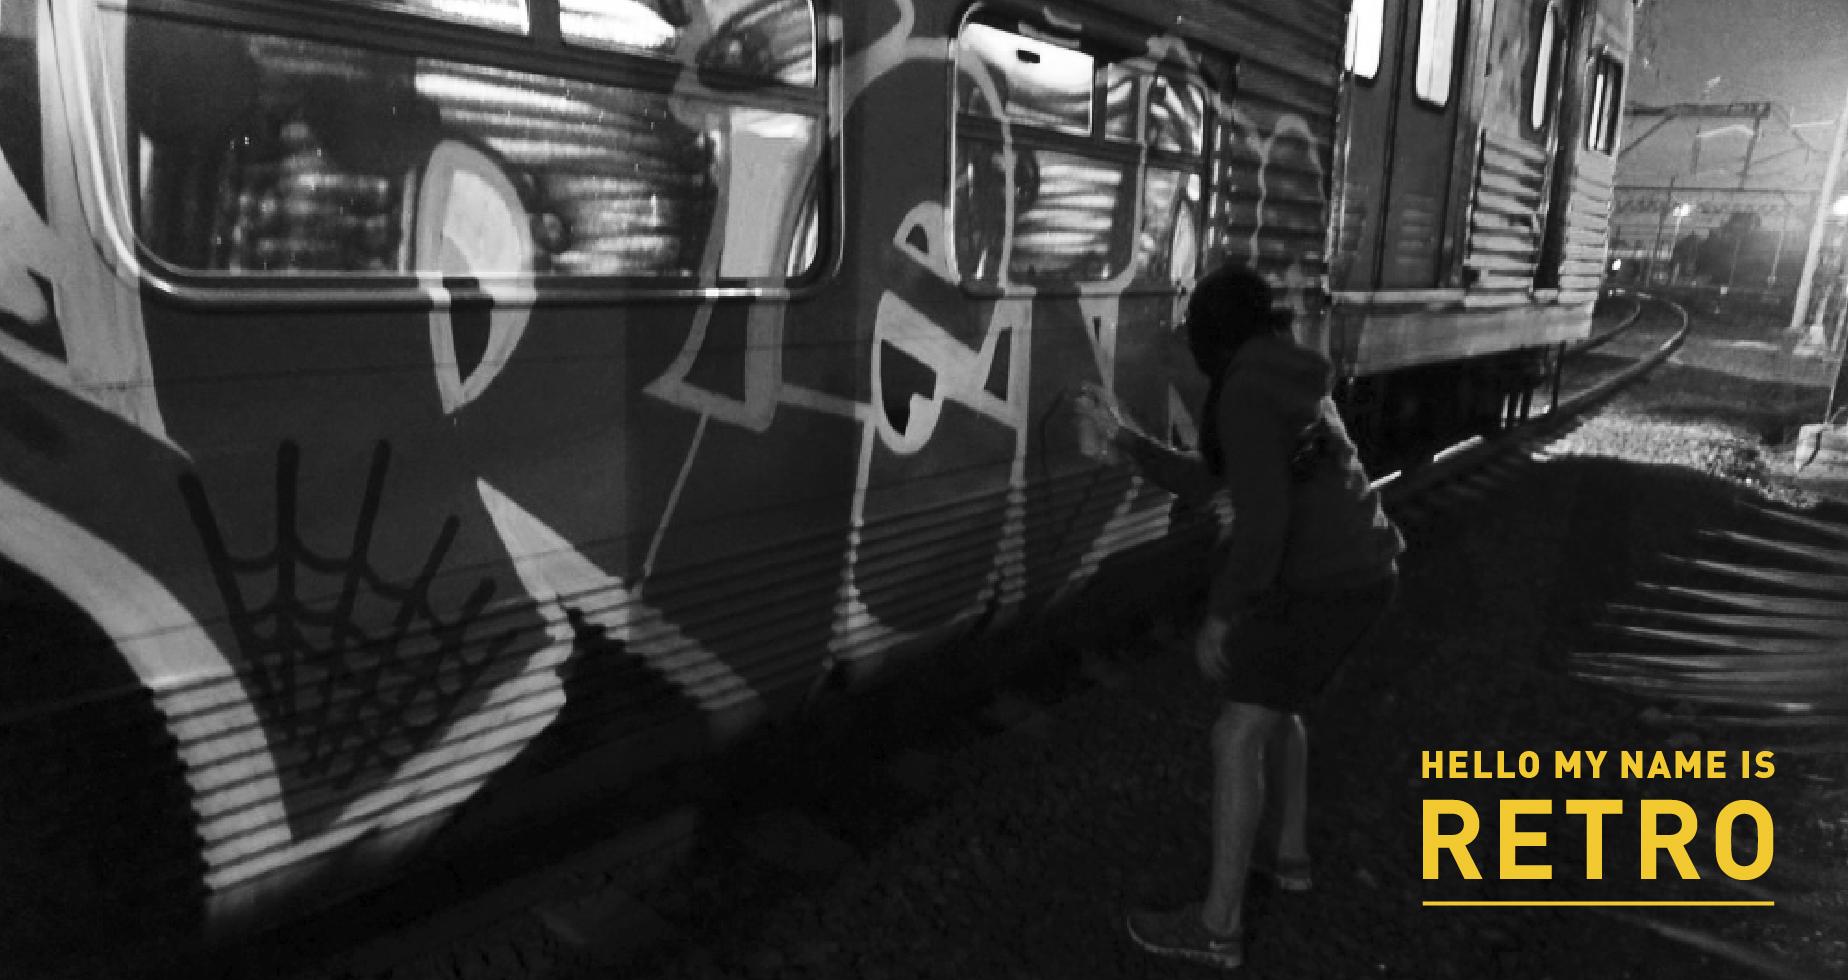 Retro_HMNI_Insta-PUFF-02